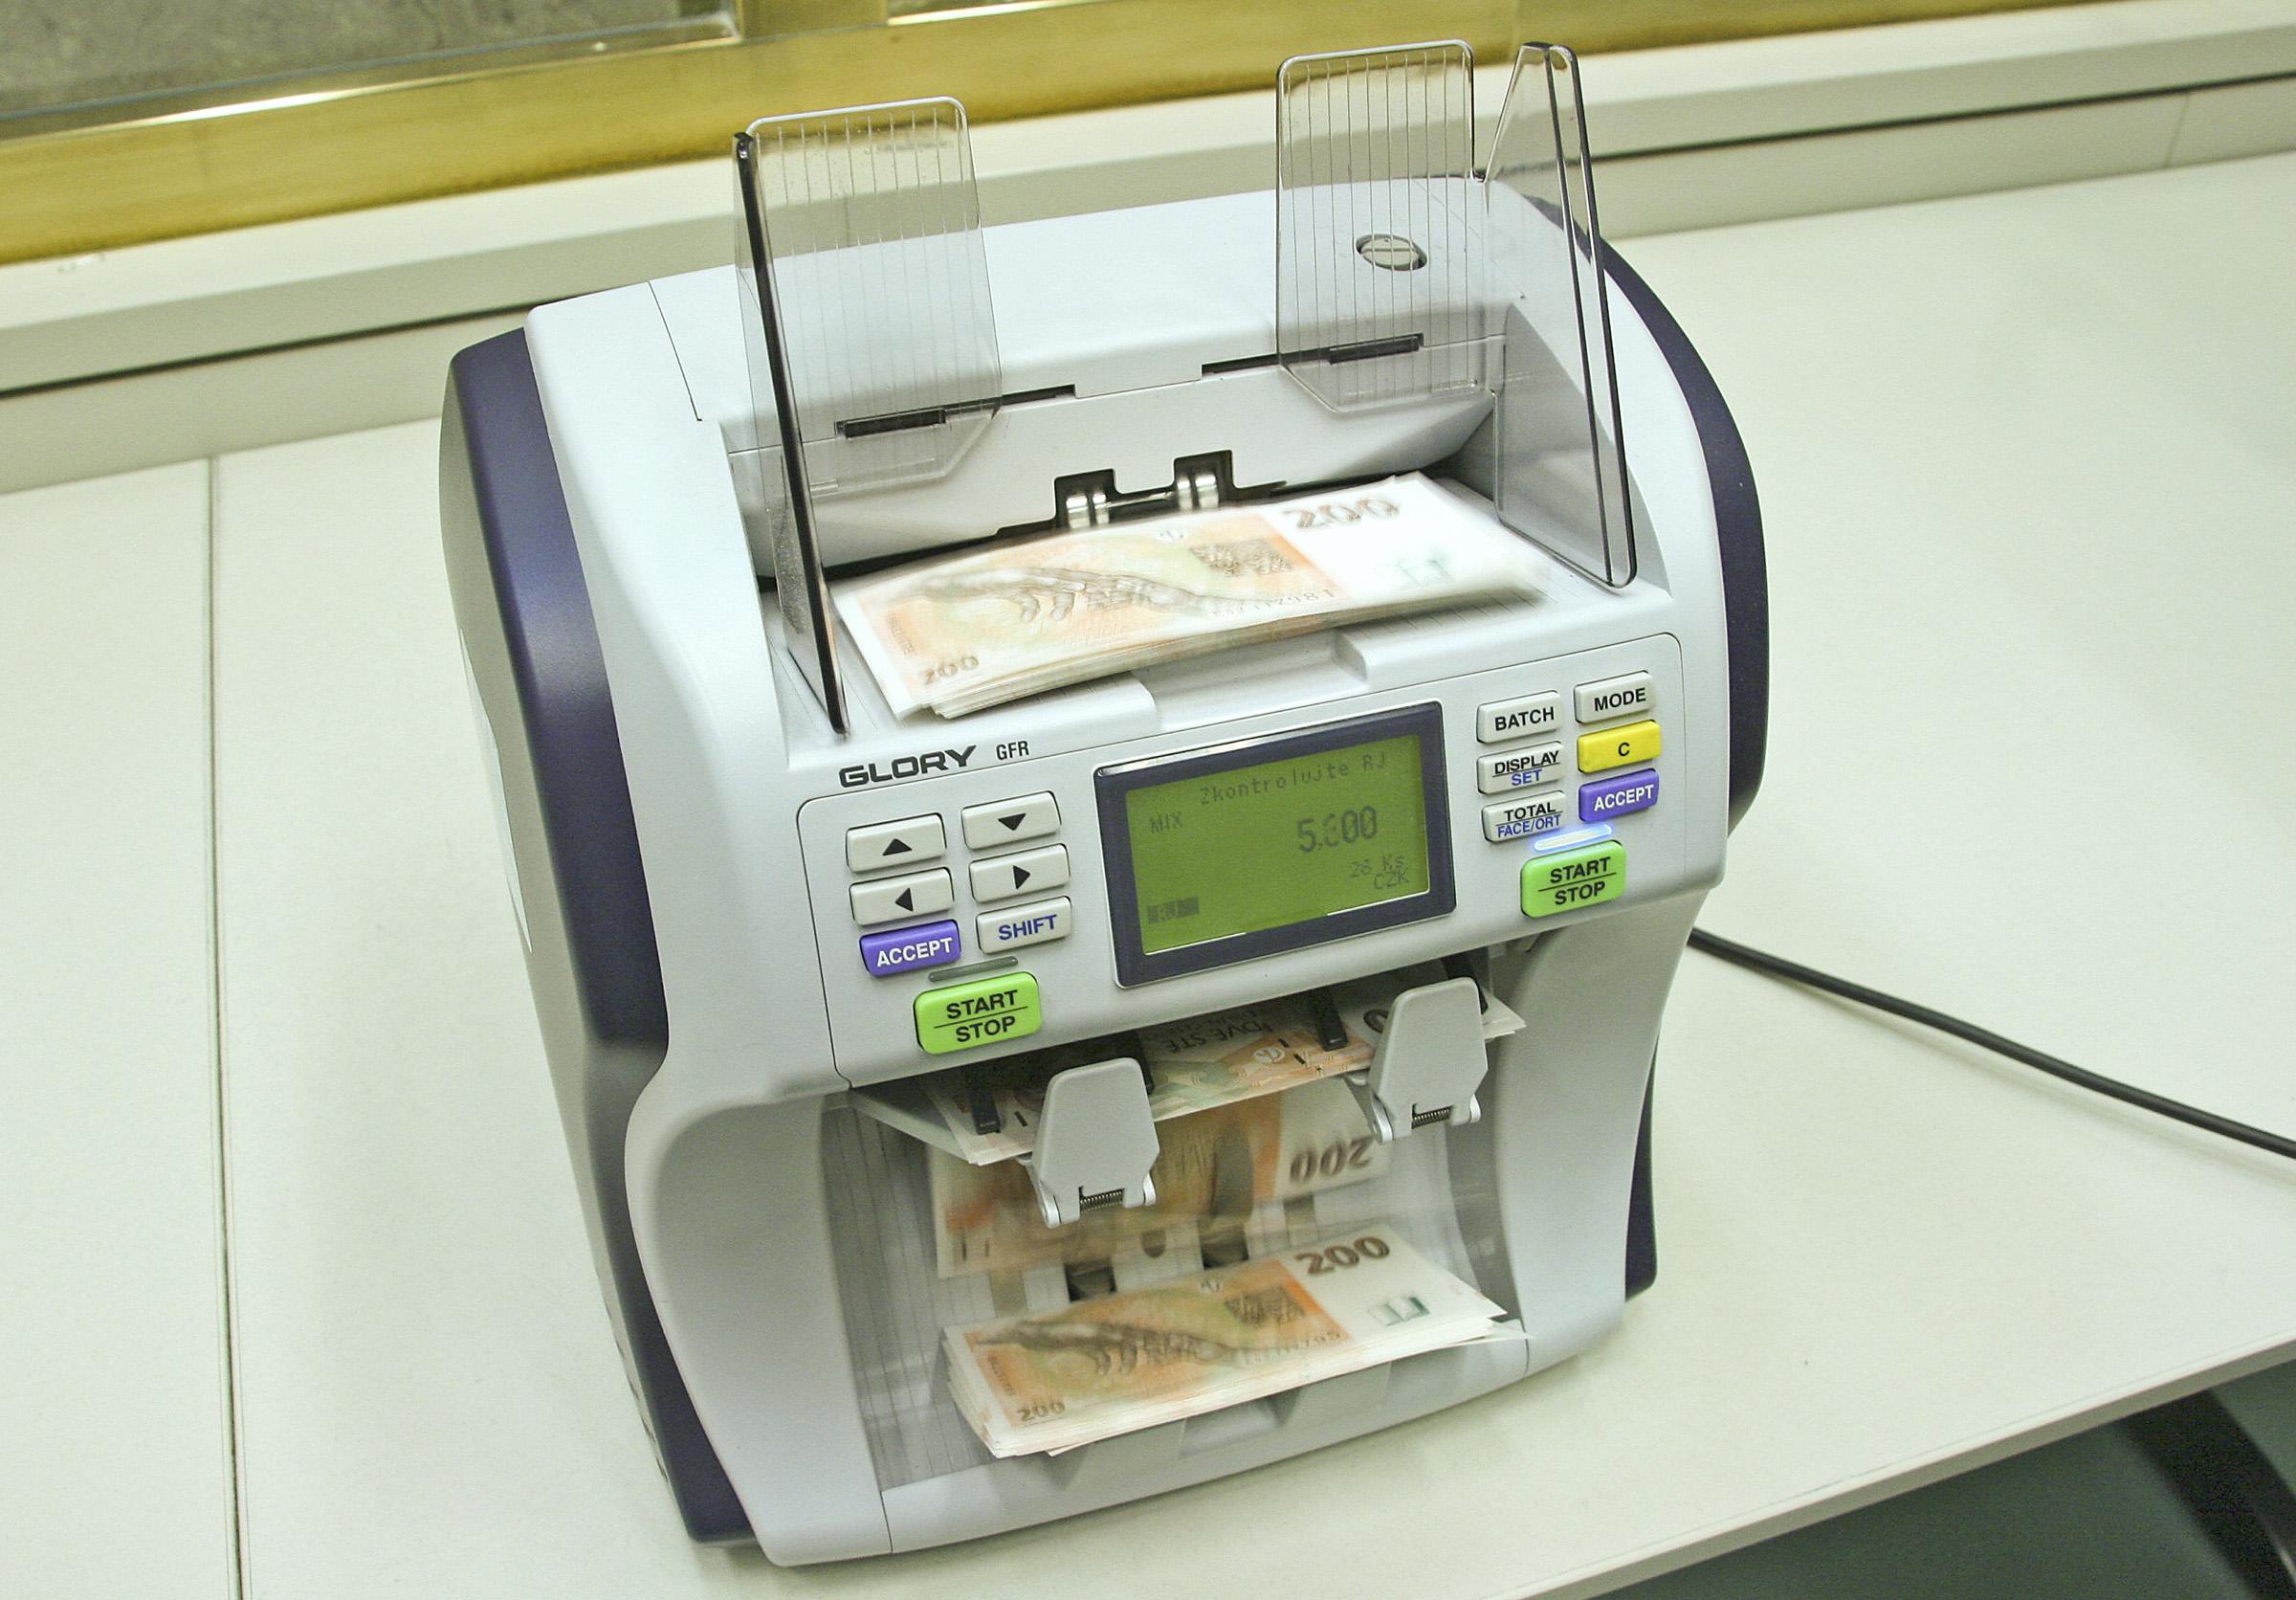 Peníze - počítačka peněz ČNB - bankovky - české koruny - CZK